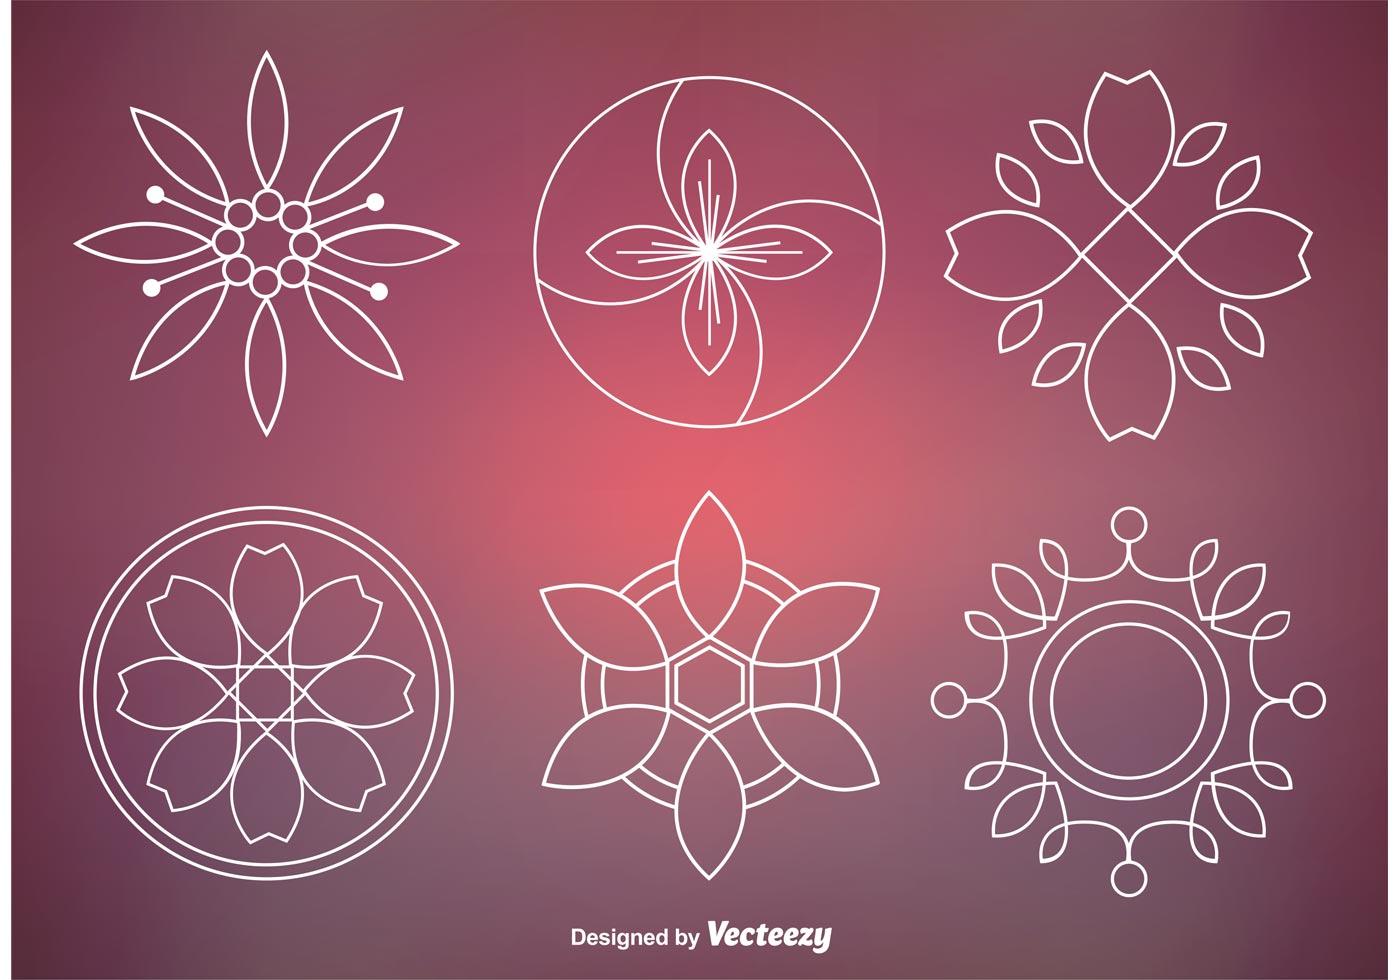 Floral Ornament Vector Free: Abstract Floral Ornament Vectors